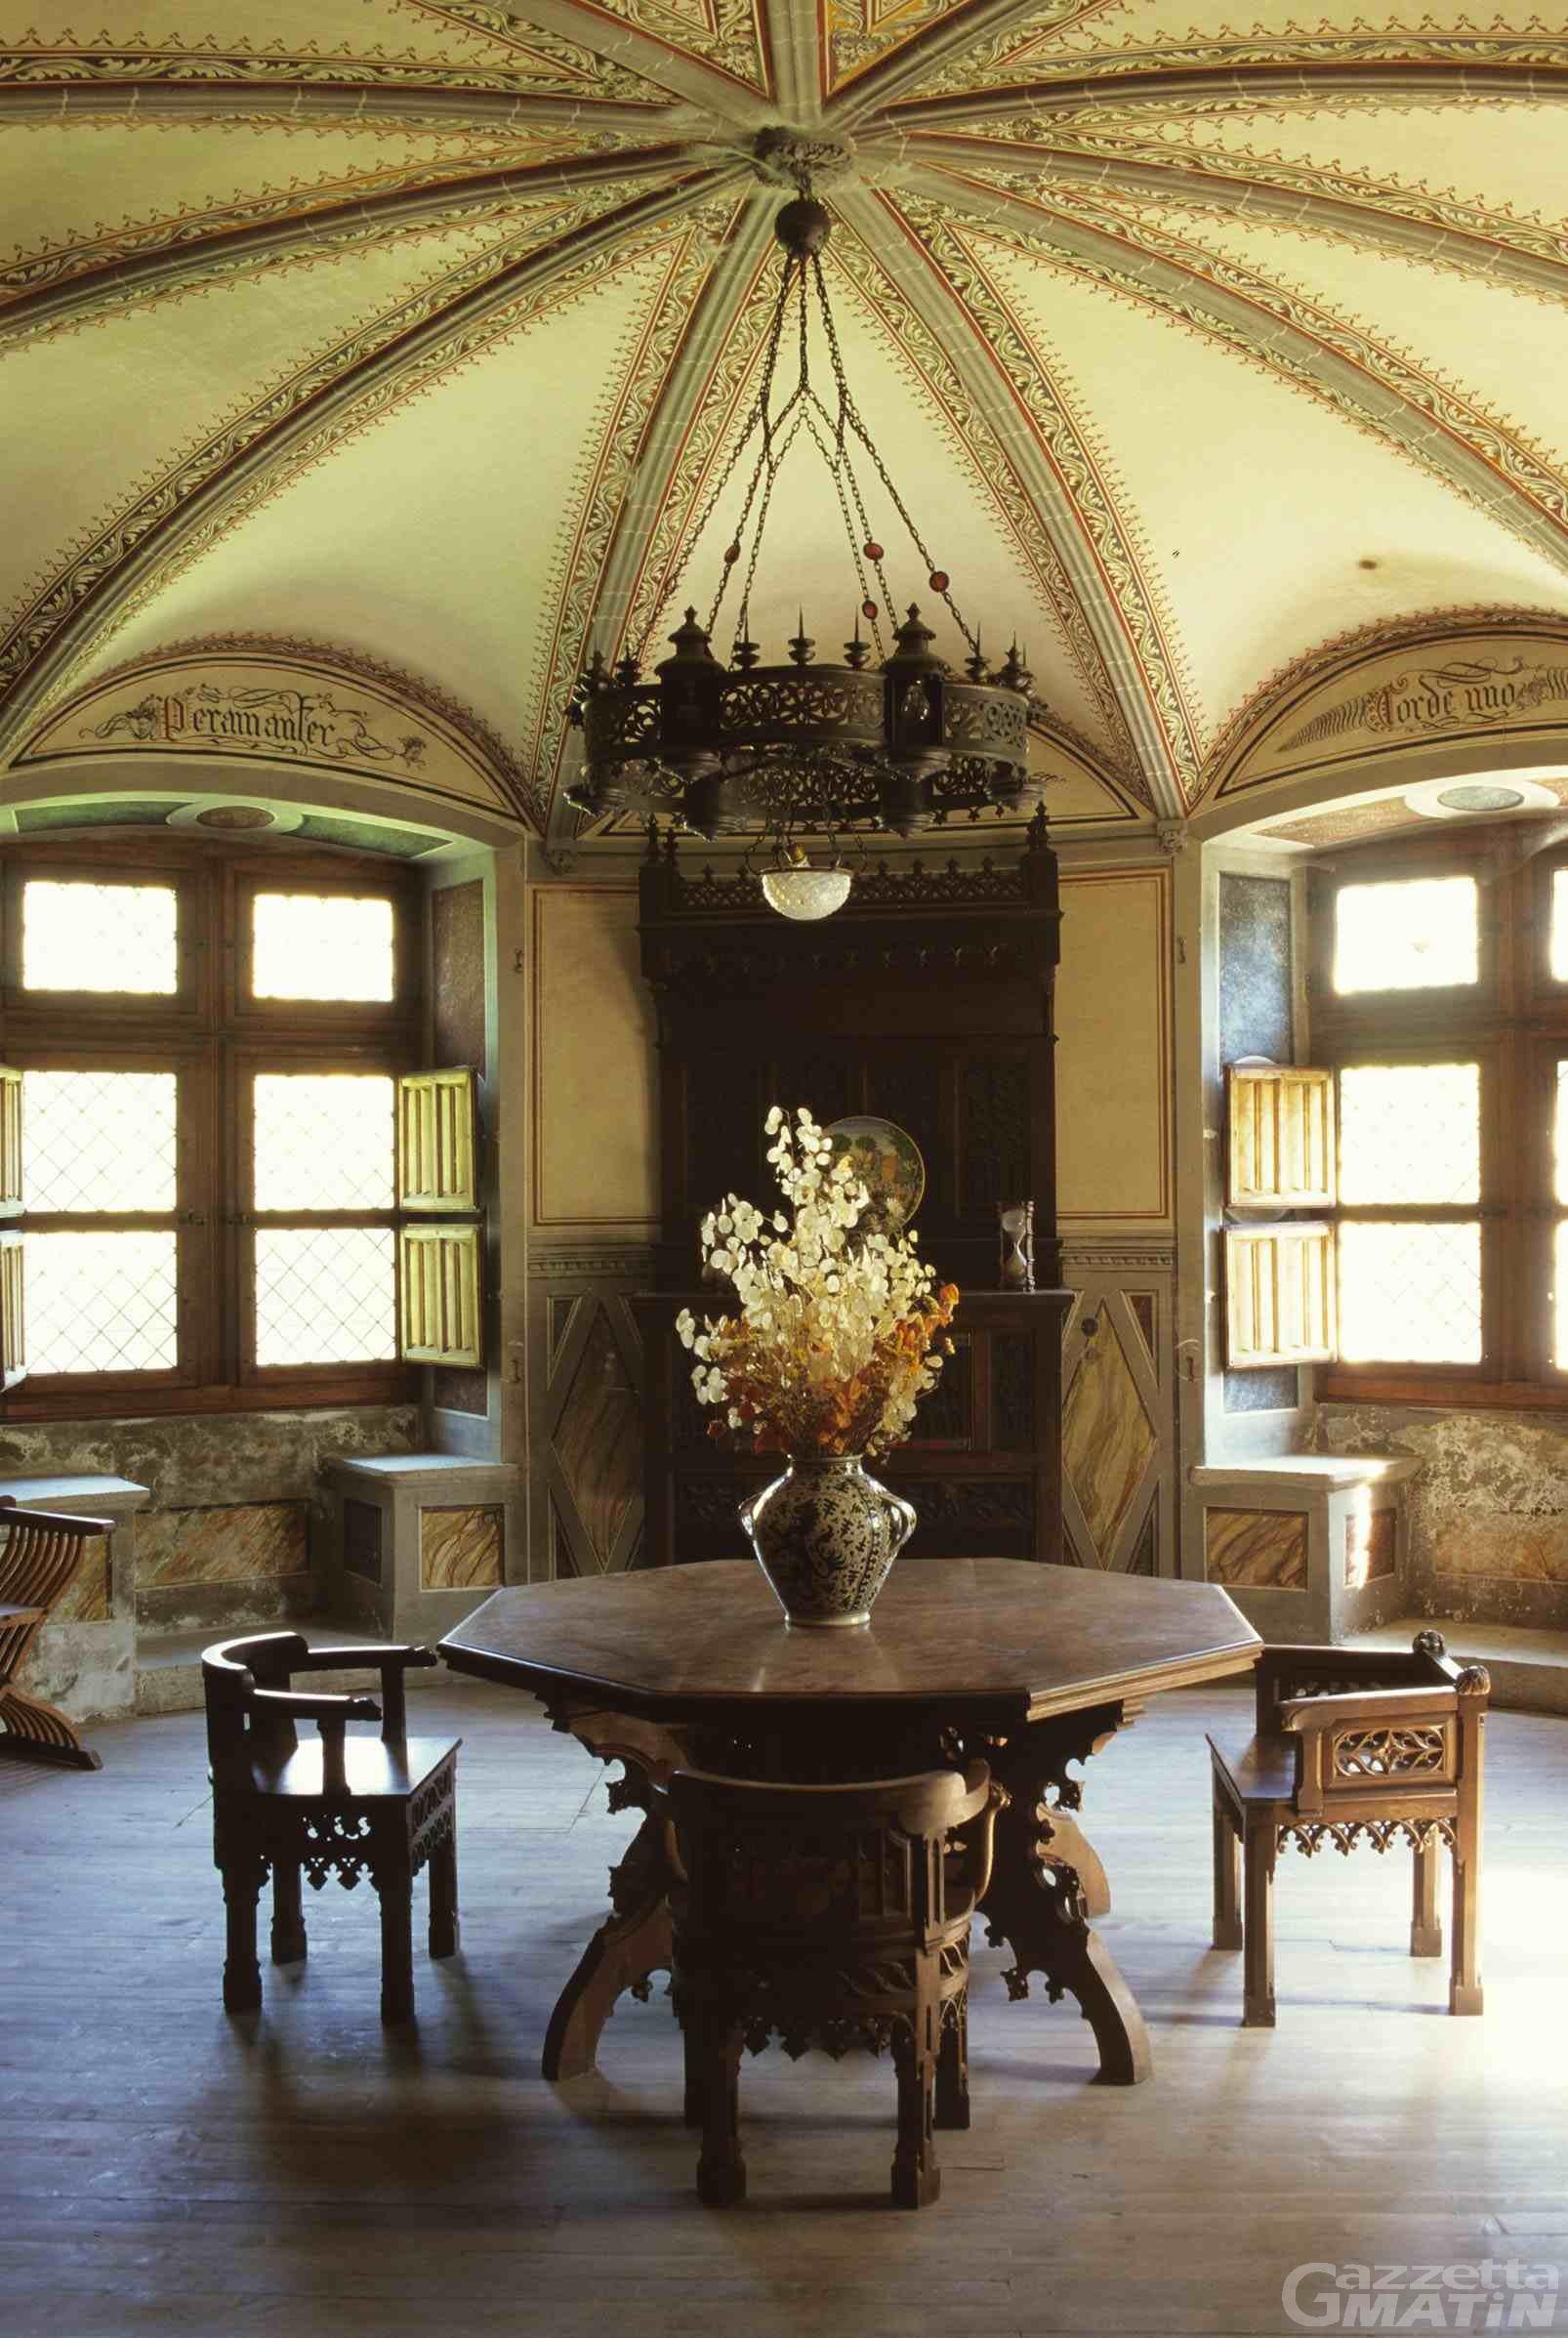 Musei: 15 nuovi siti valdostani nel circuito Abbonamento